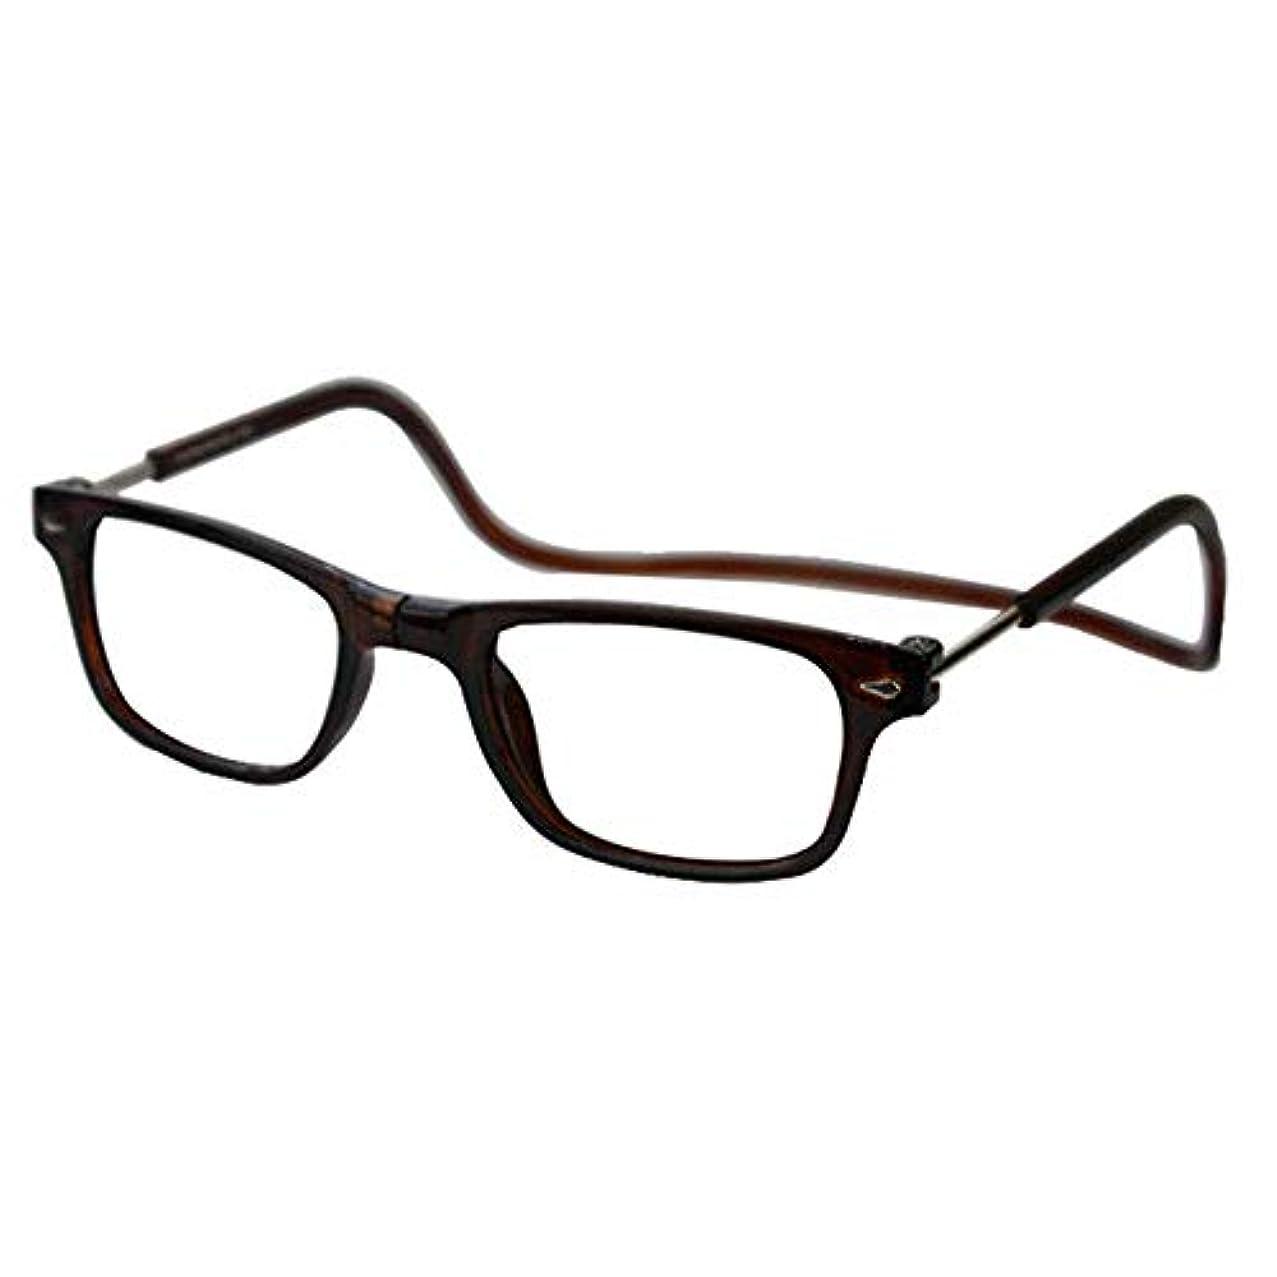 読書用メガネ 吊り下げ式の老人用特殊メガネ朗読用メガネ あなたの倍率を選択してください (色 : ブラック, サイズ : (+2.5))